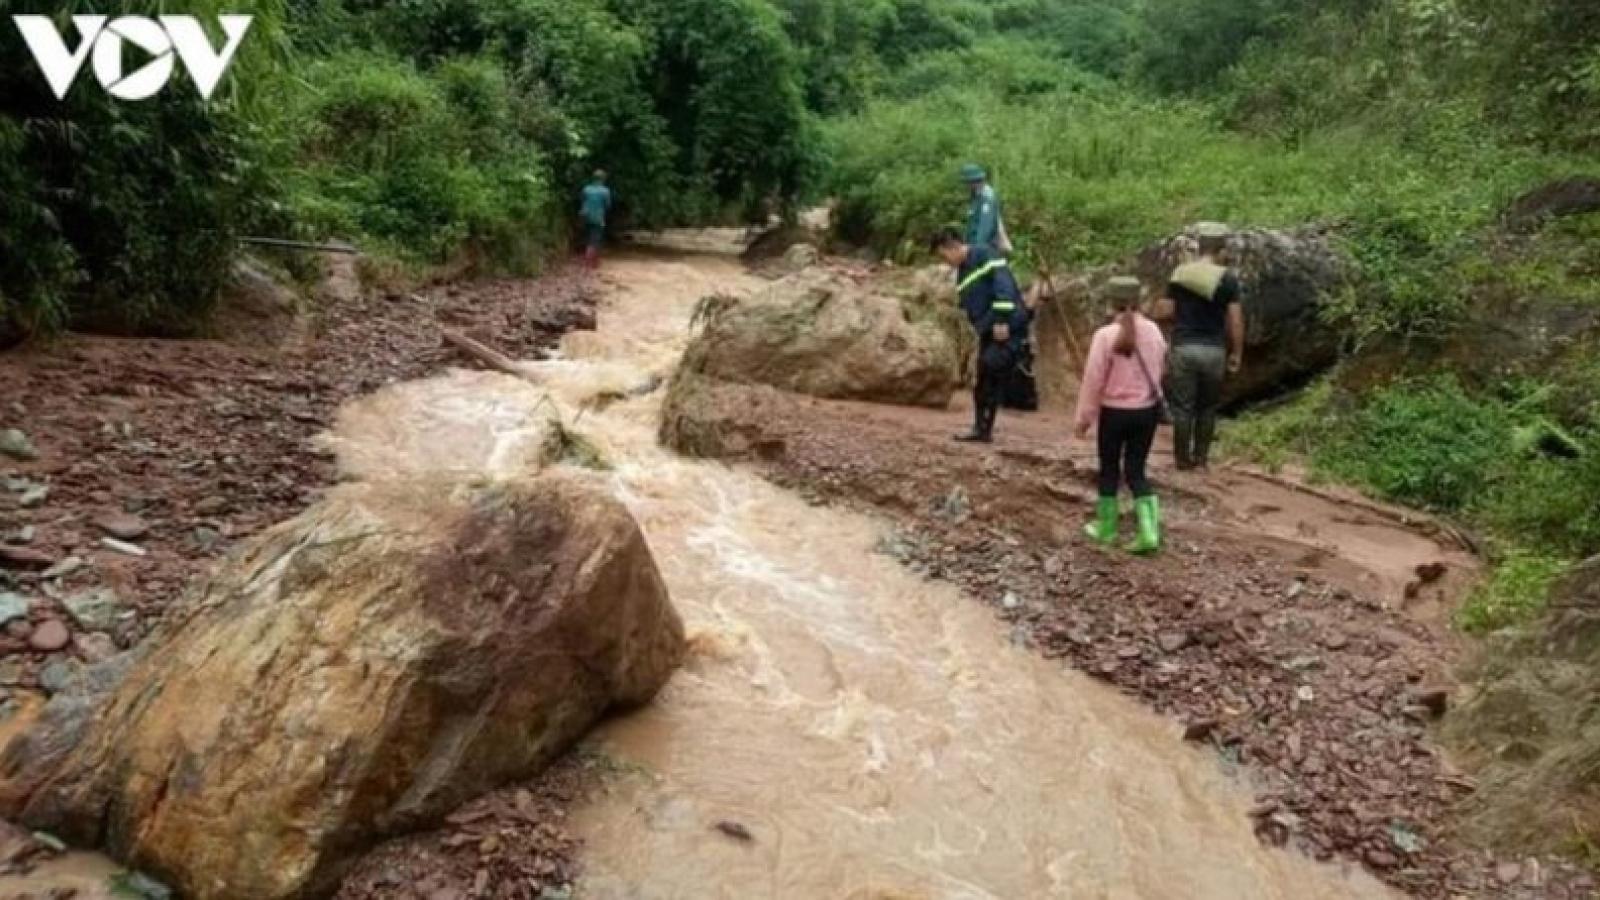 UBND tỉnh Sơn La yêu cầu các địa phương chủ động ứng phó với động đất và mưa lớn